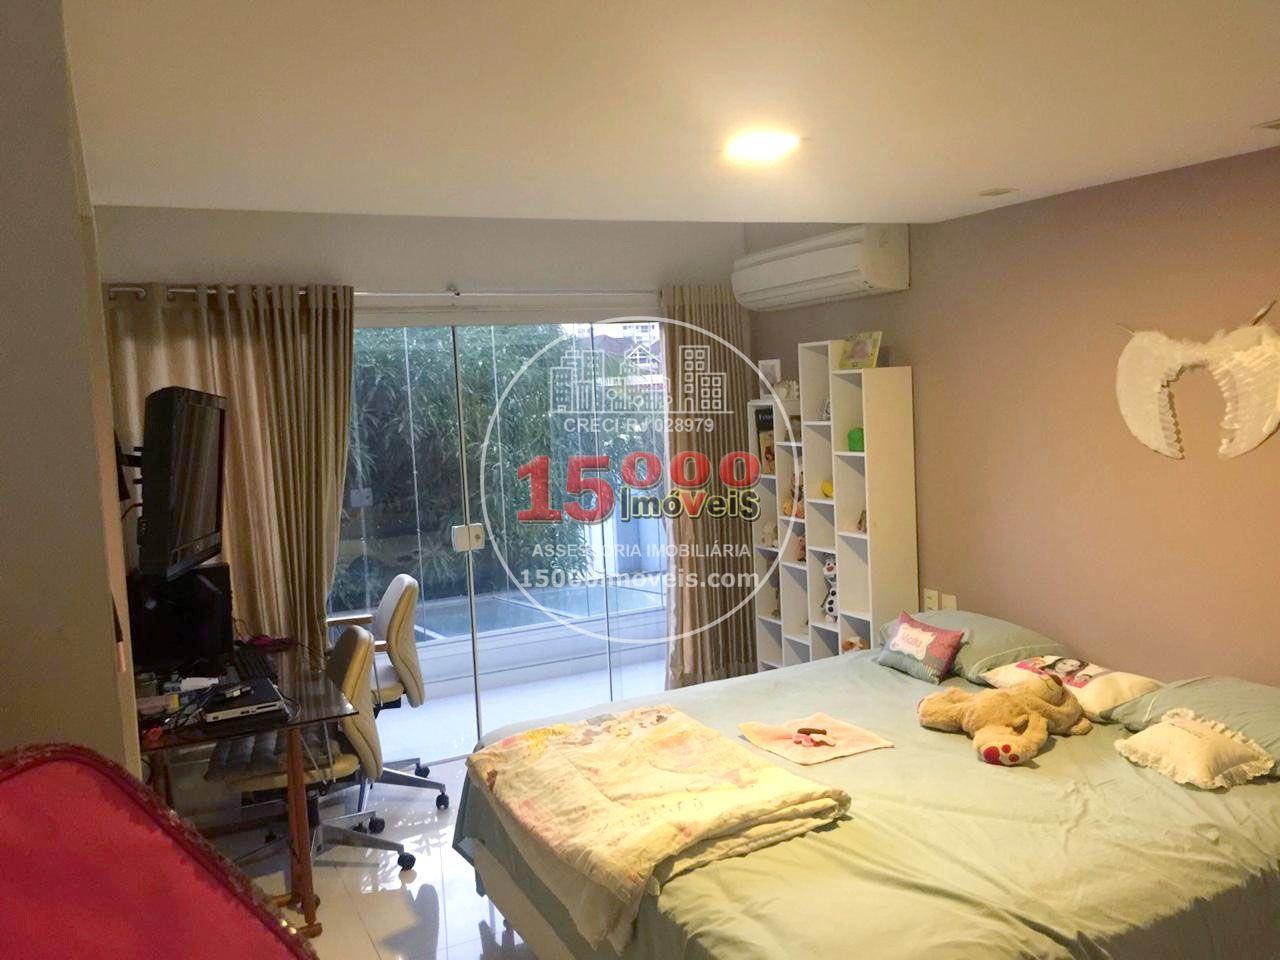 Casa duplex 5 suítes no Cond. Vivendas do Sol - Recreio dos Bandeirantes (15000-110) - 15000-110 - 15